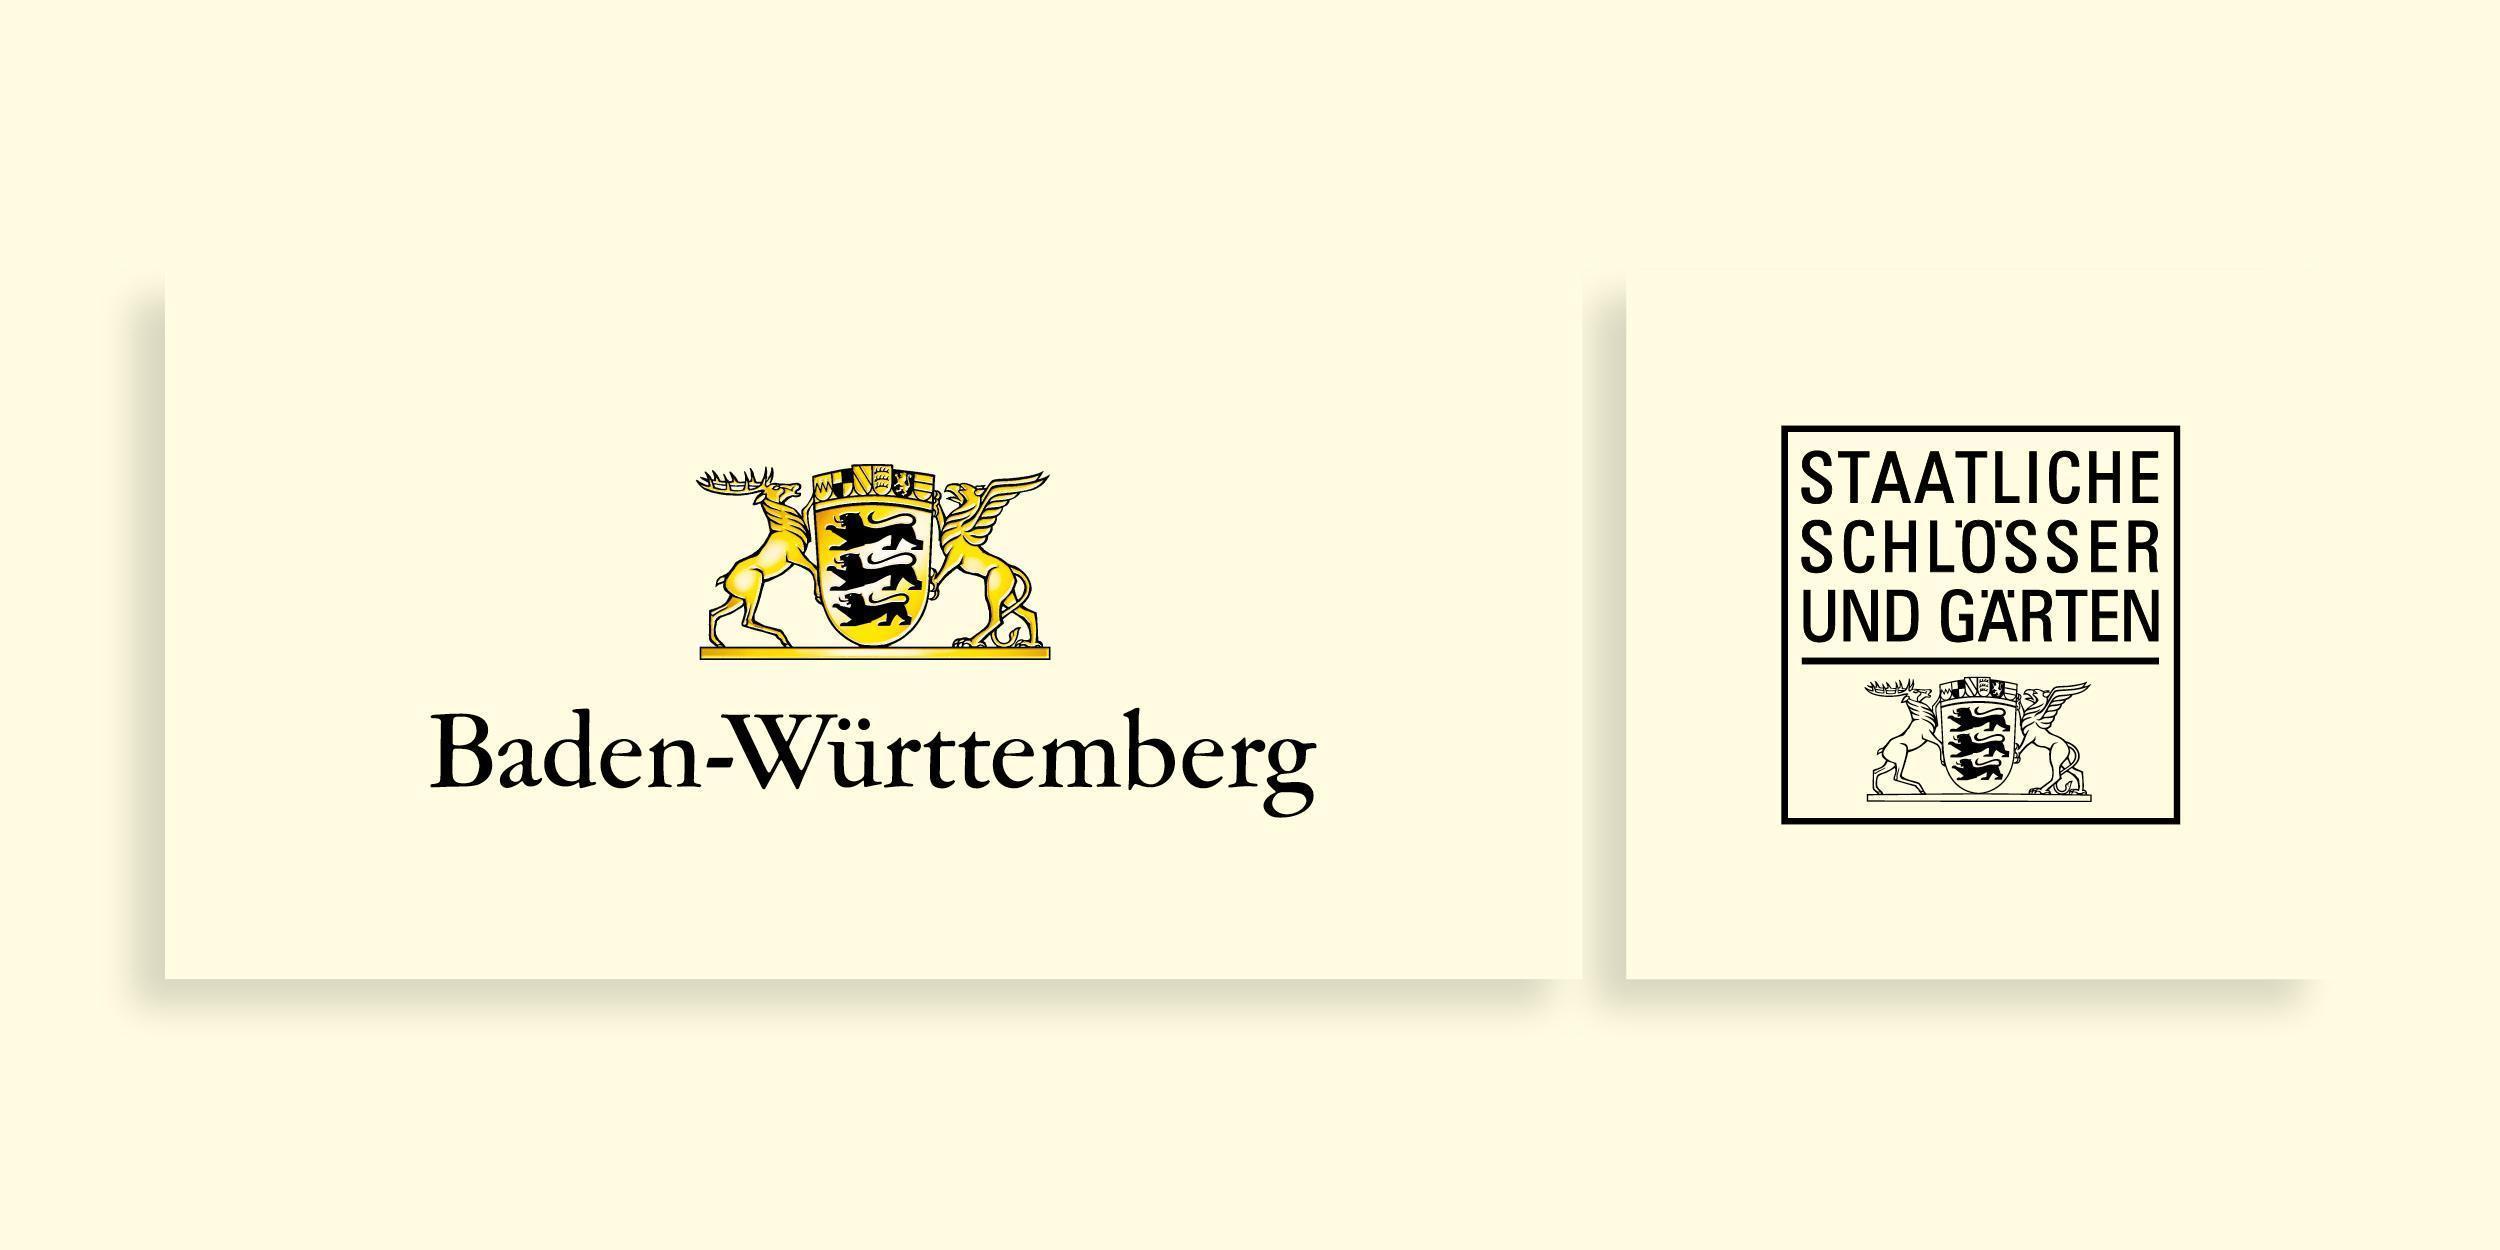 Logo der Staatlichen Schlösser und Gärten Baden-Württemberg